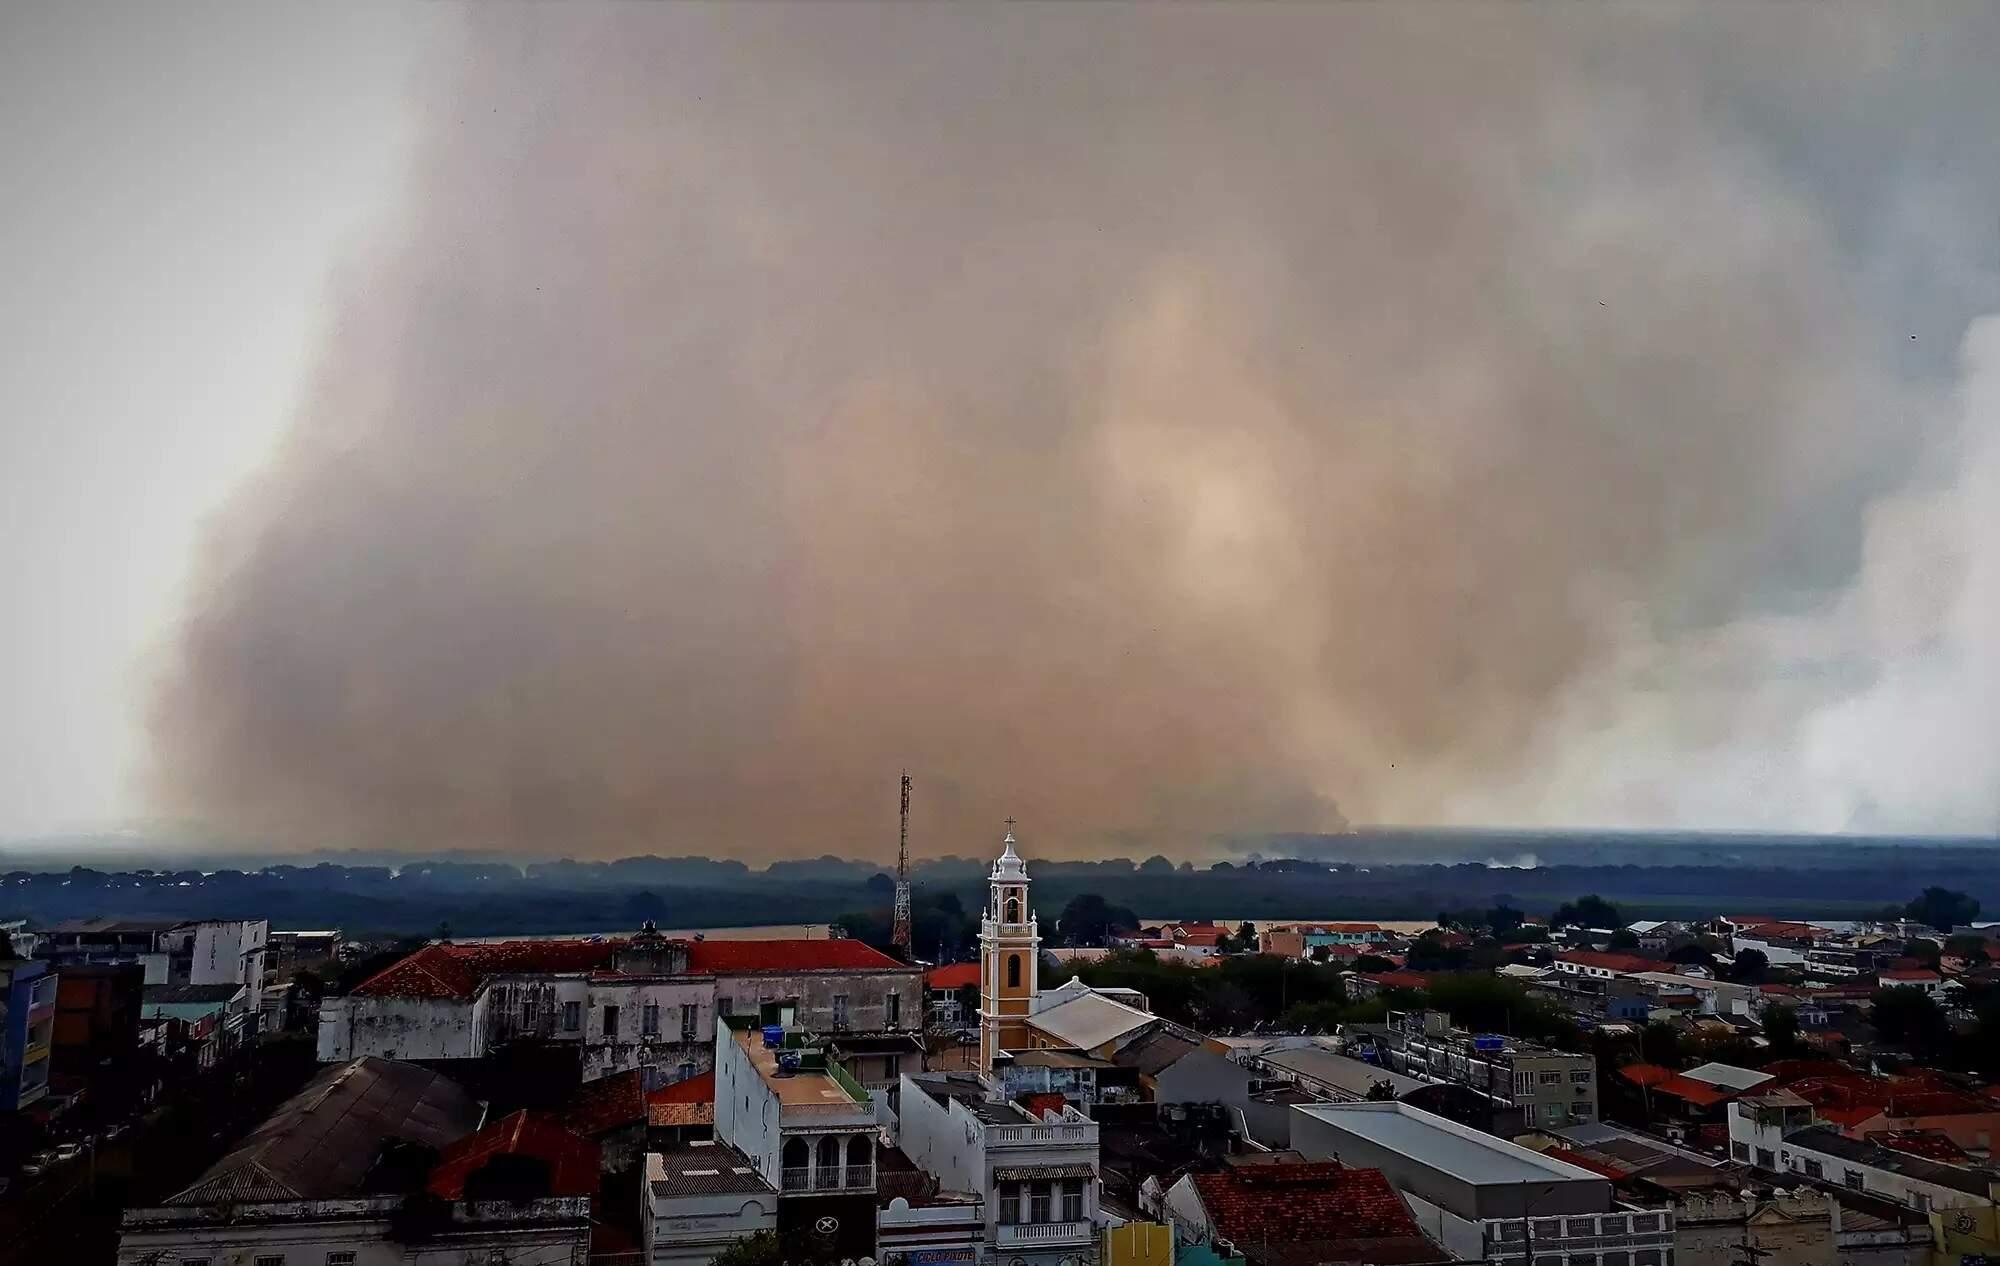 Corumbá, Porto Murtinho e Aquidauana têm 81% dos focos de incêndio em MS -  Cidades - Campo Grande News